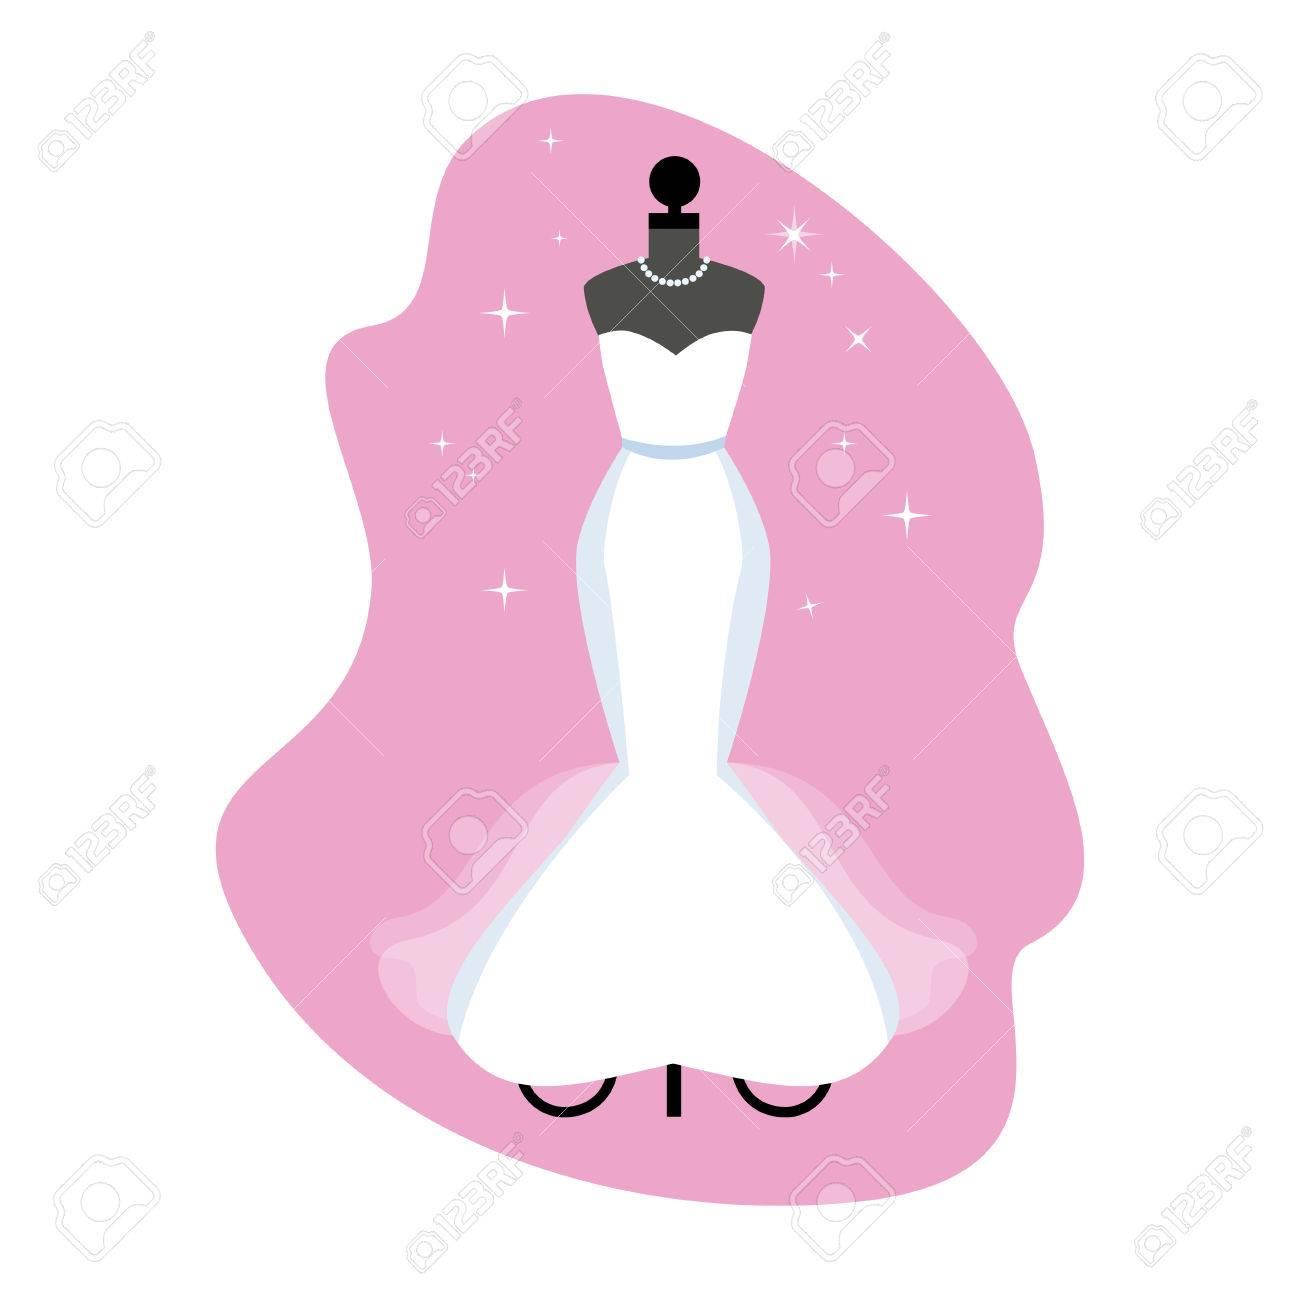 Vestido De Novia. Moda Vestido Blanco En Maniquí. Prendas De Vestir ...